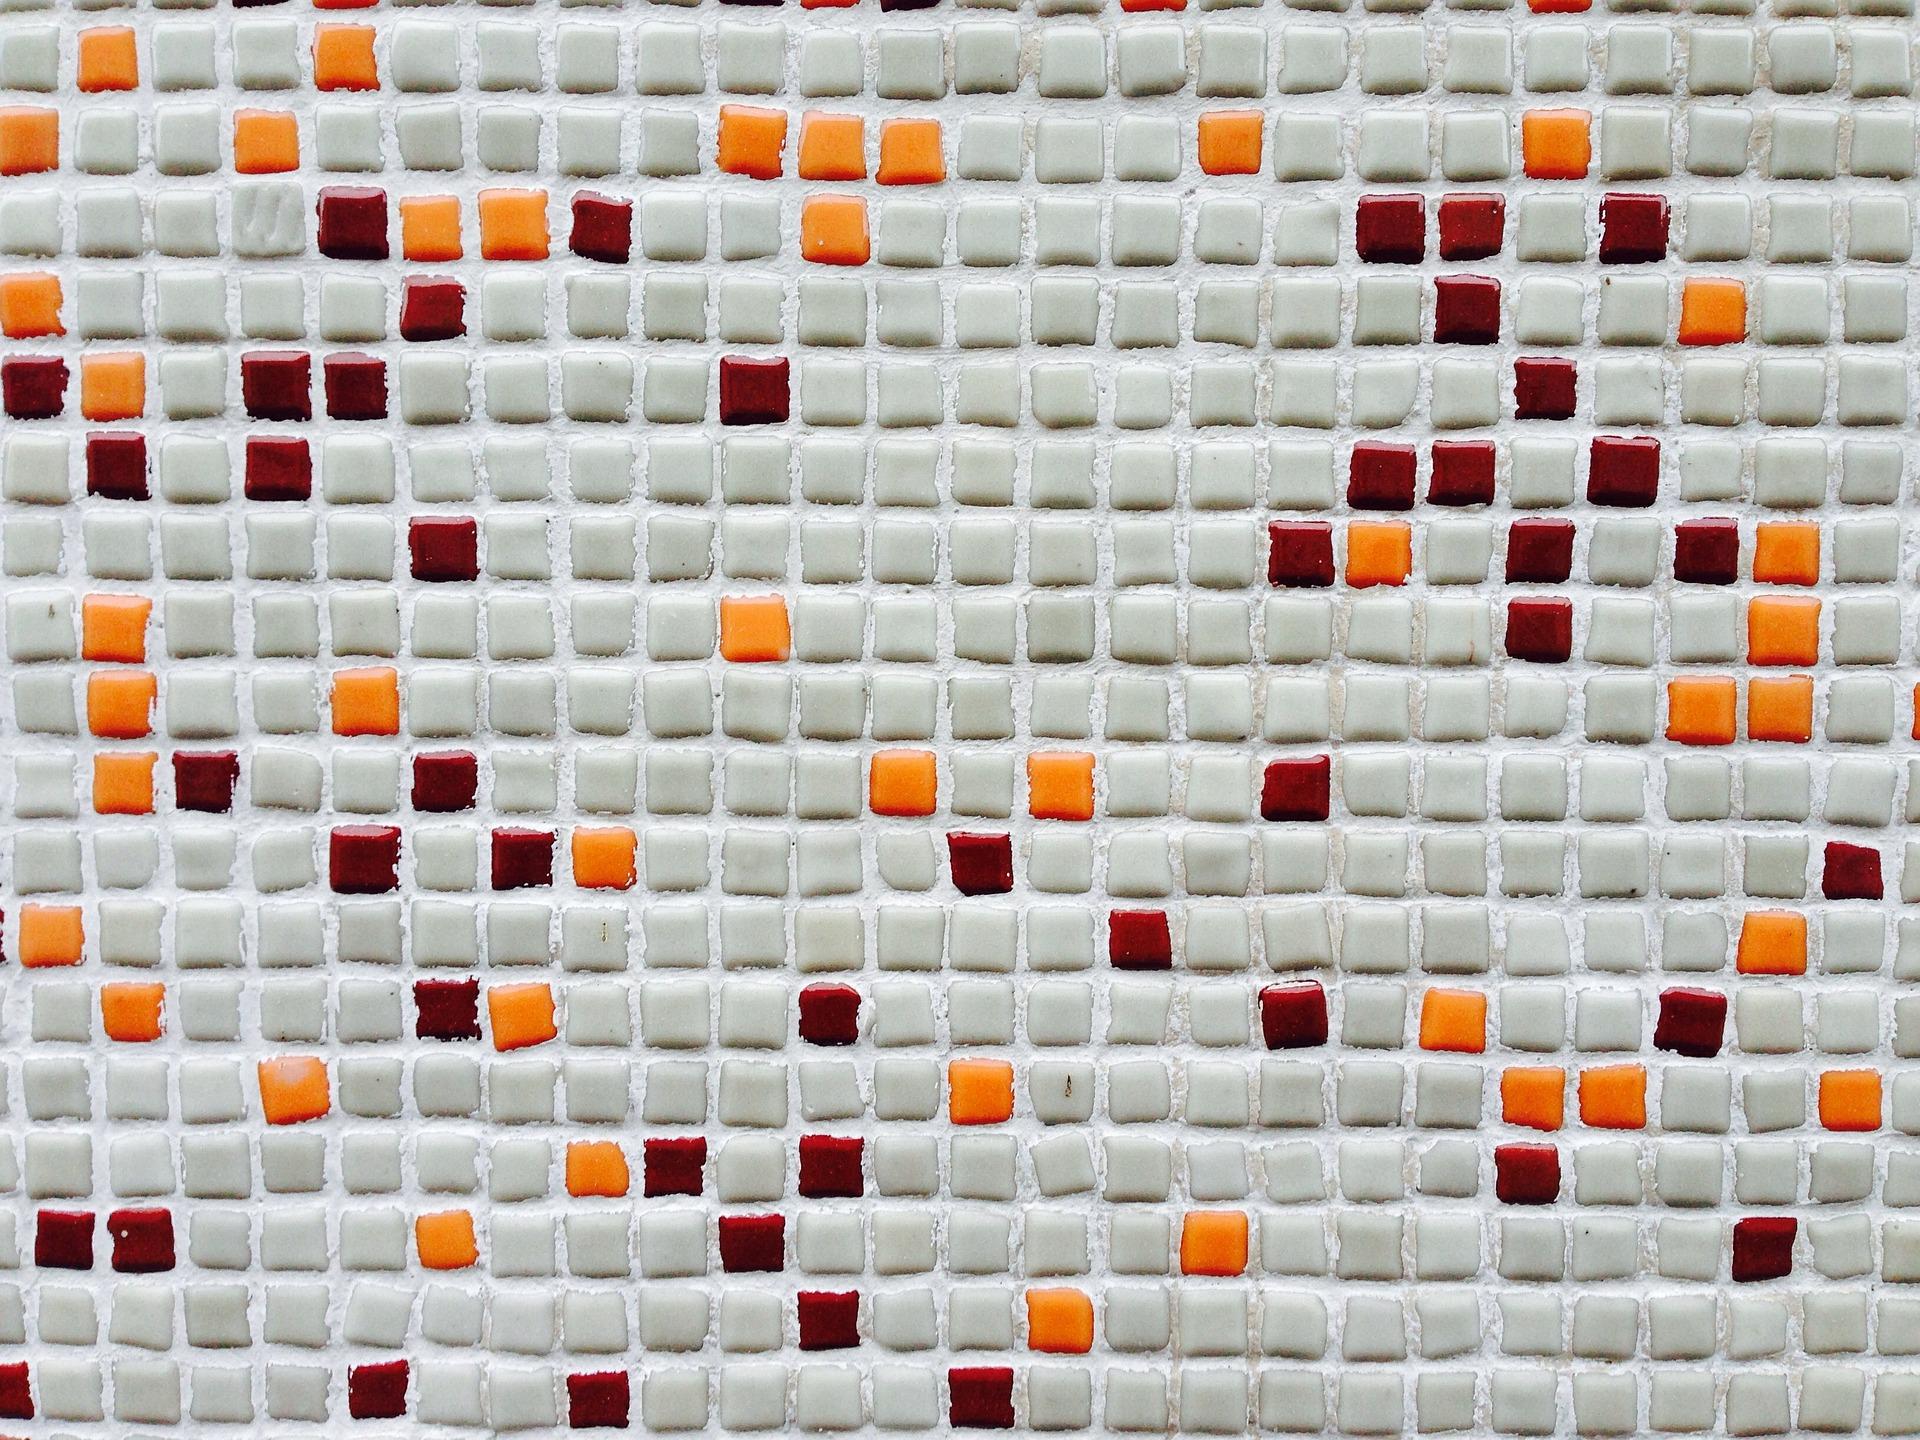 Mosaik in weiß, rot und orange